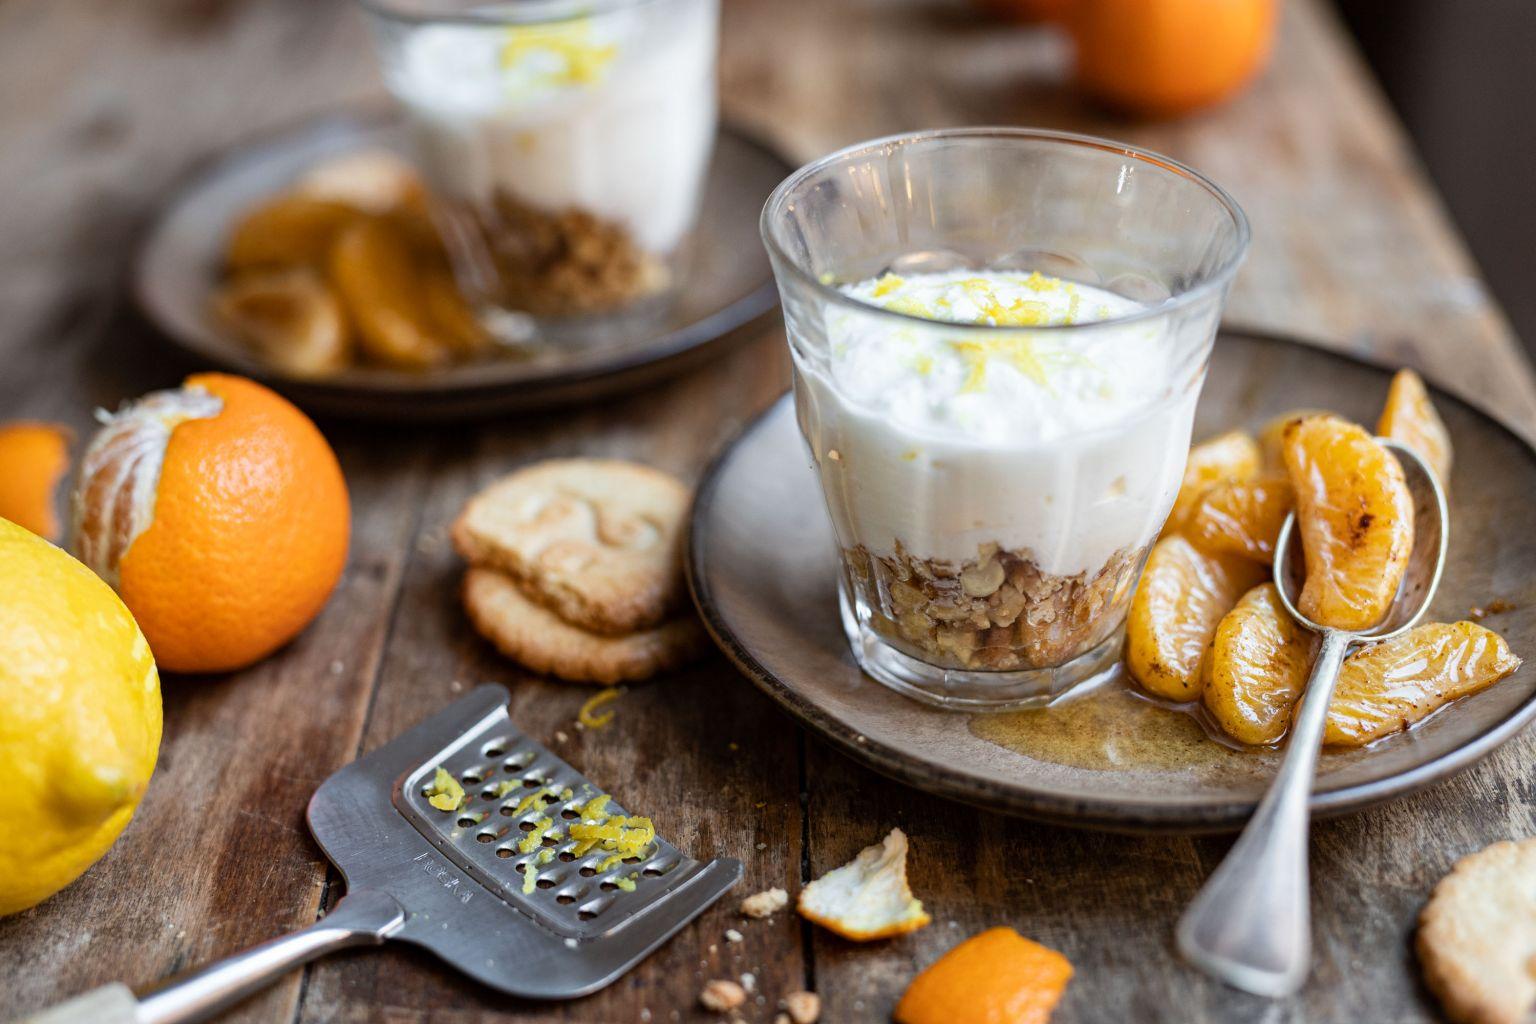 Faisselle façon cheesecake aux cacahuètes et clémentines au sirop d'érable